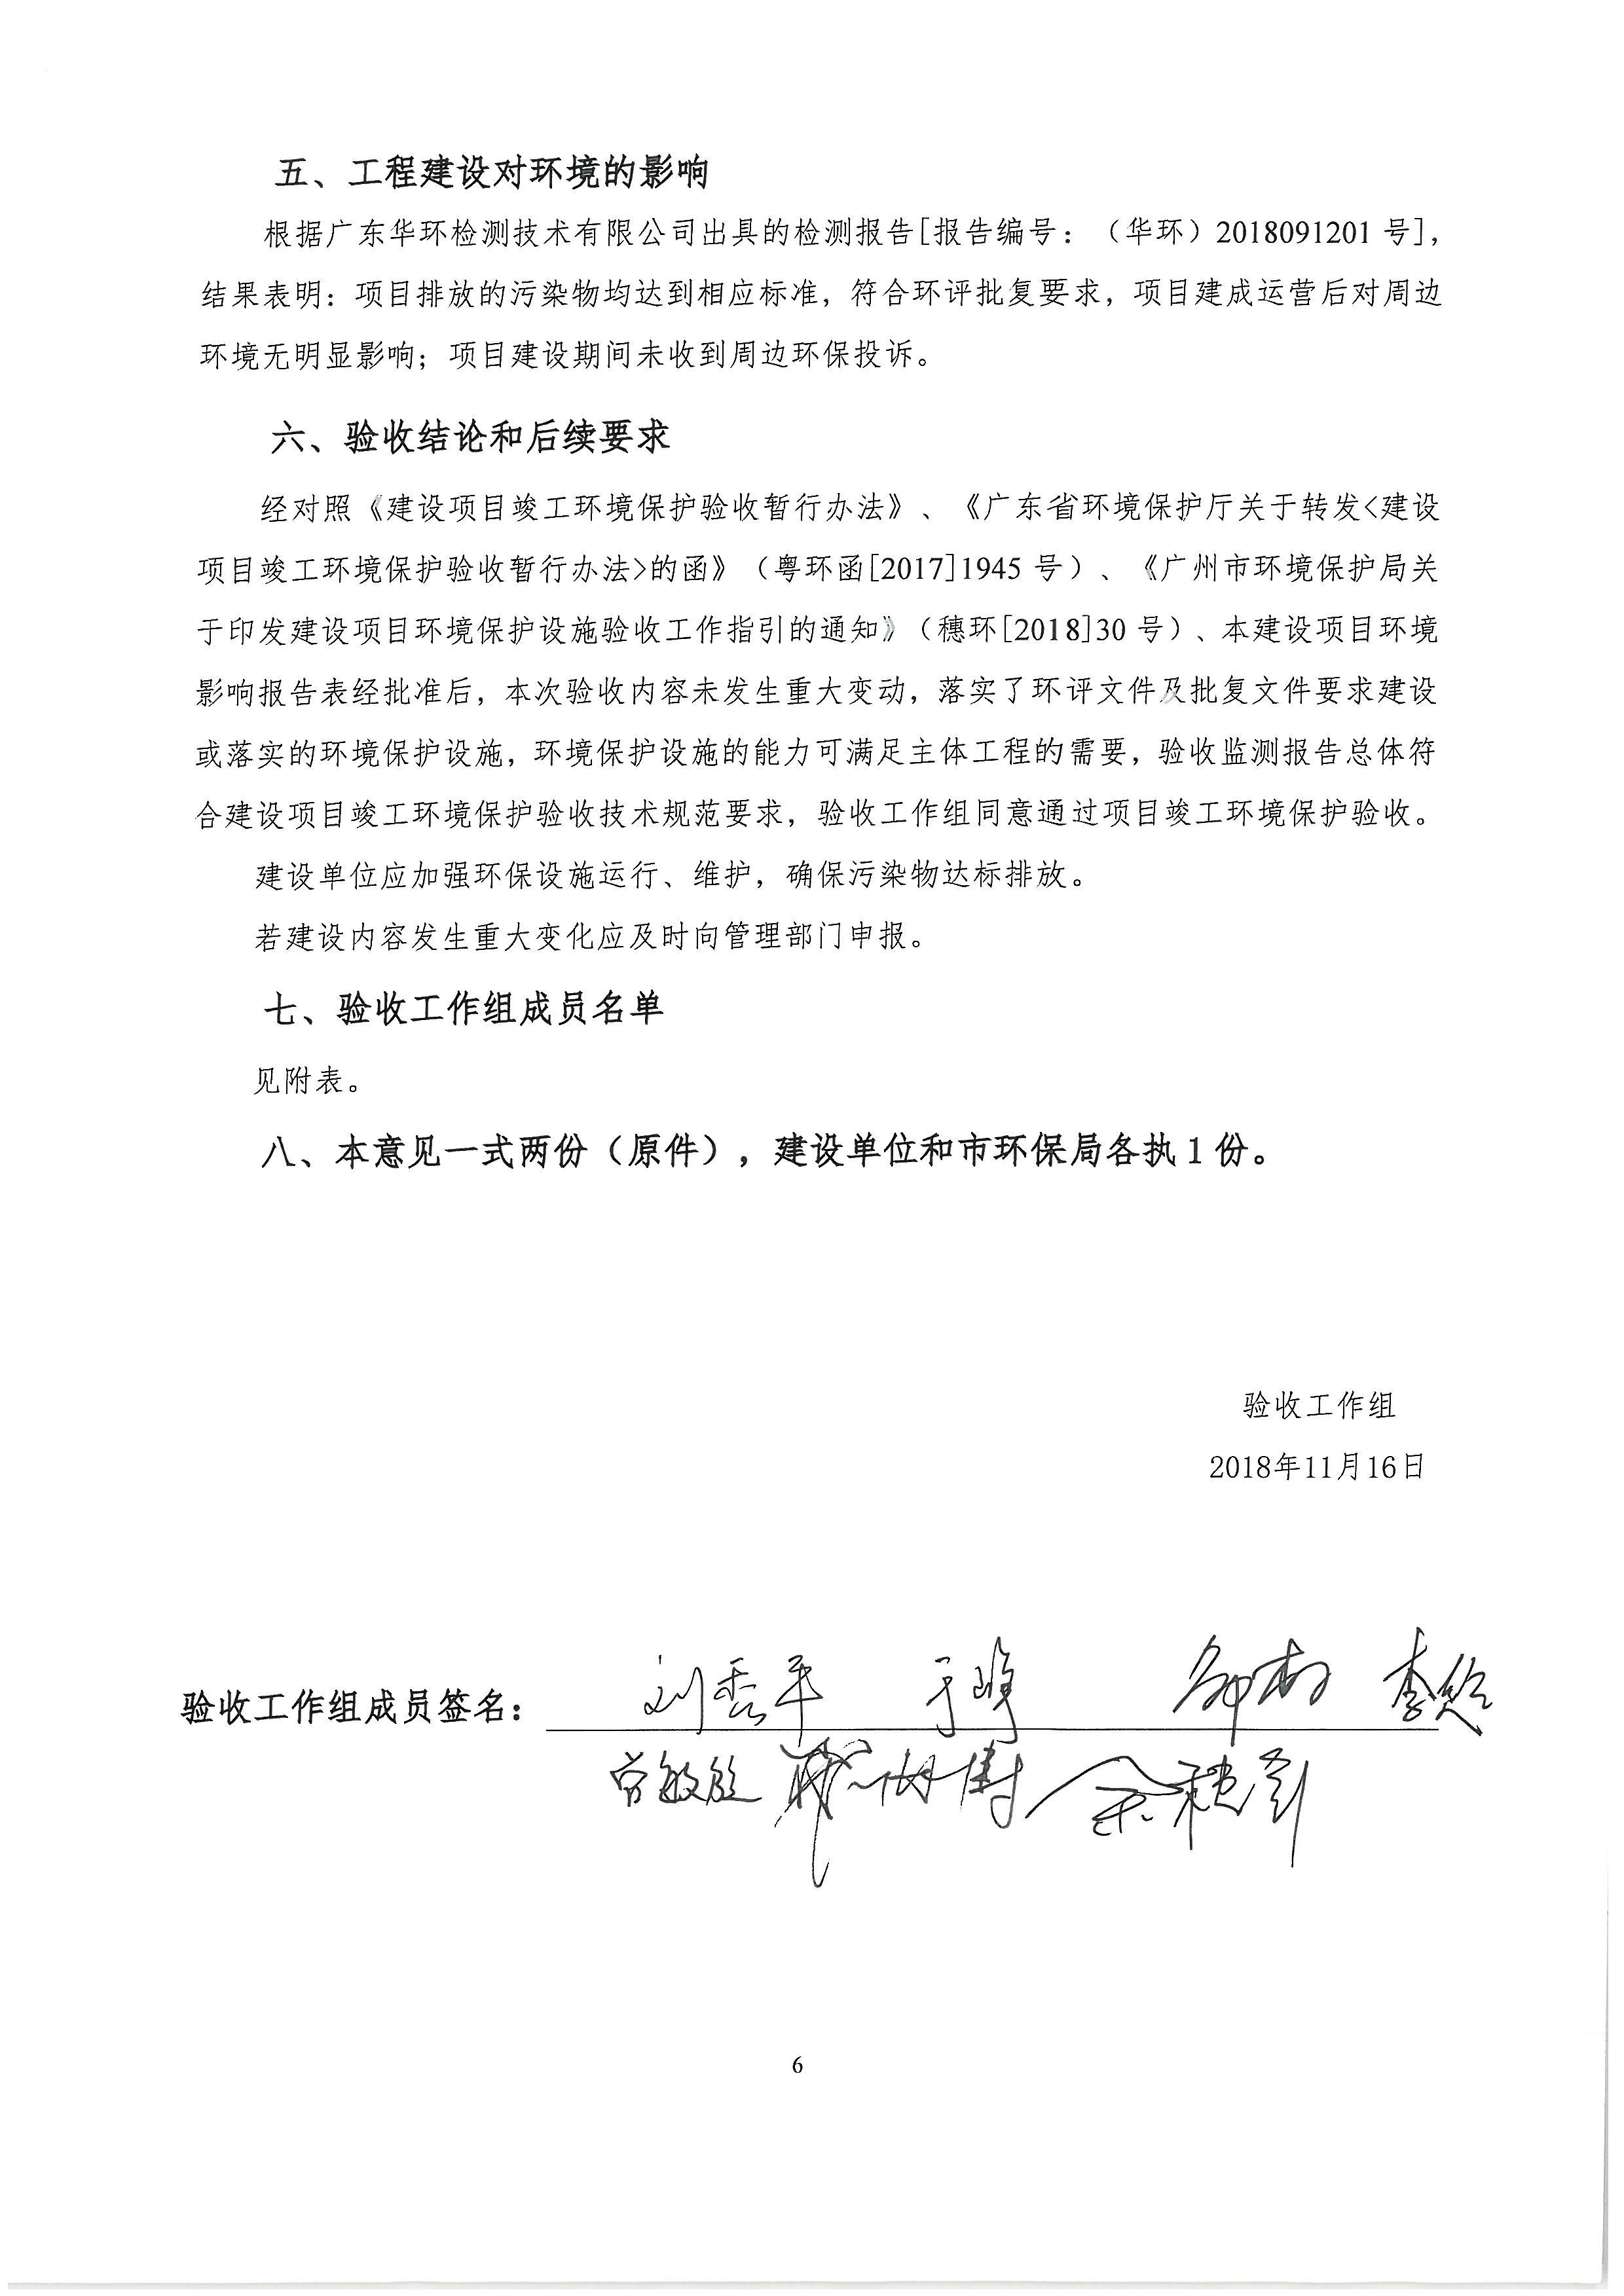 广东建研环境监测有限公司建设项目环境保护设施验收工作组意见_页面_6